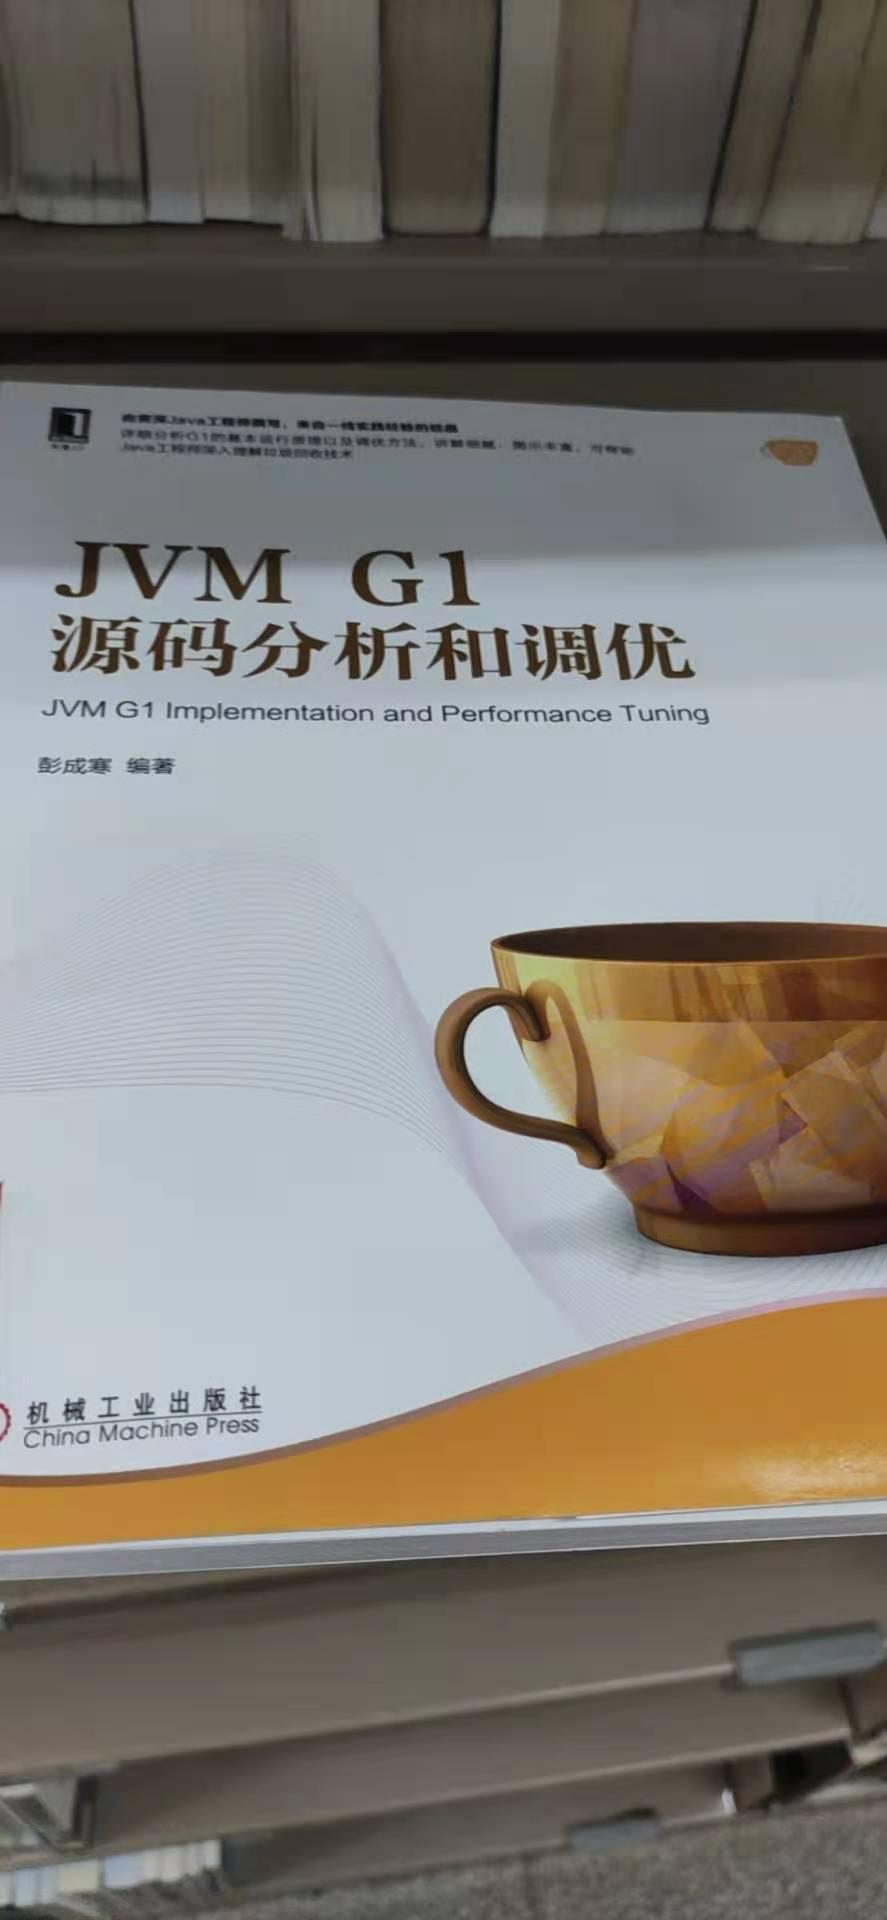 JVM G1